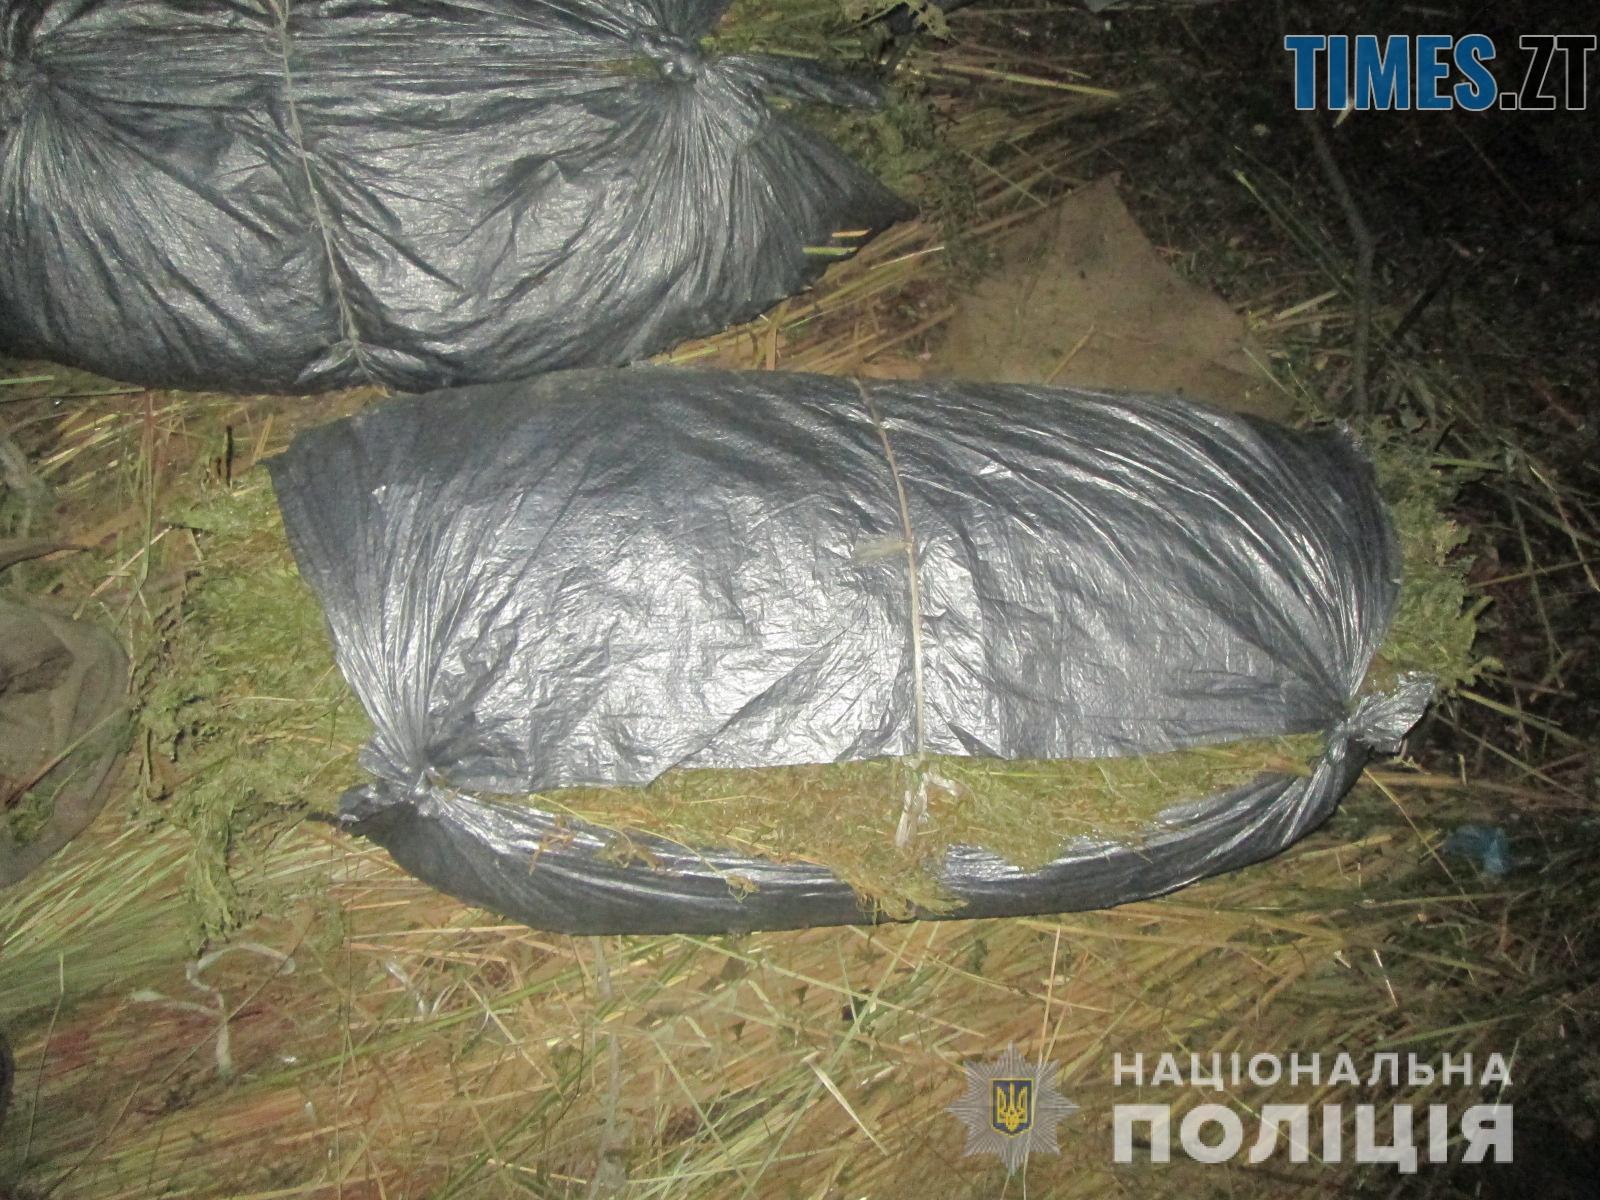 IMG 3117 - Наркоплантатор по-бердичівськи: поліція вилучила у місцевого жителя півтонни коноплі